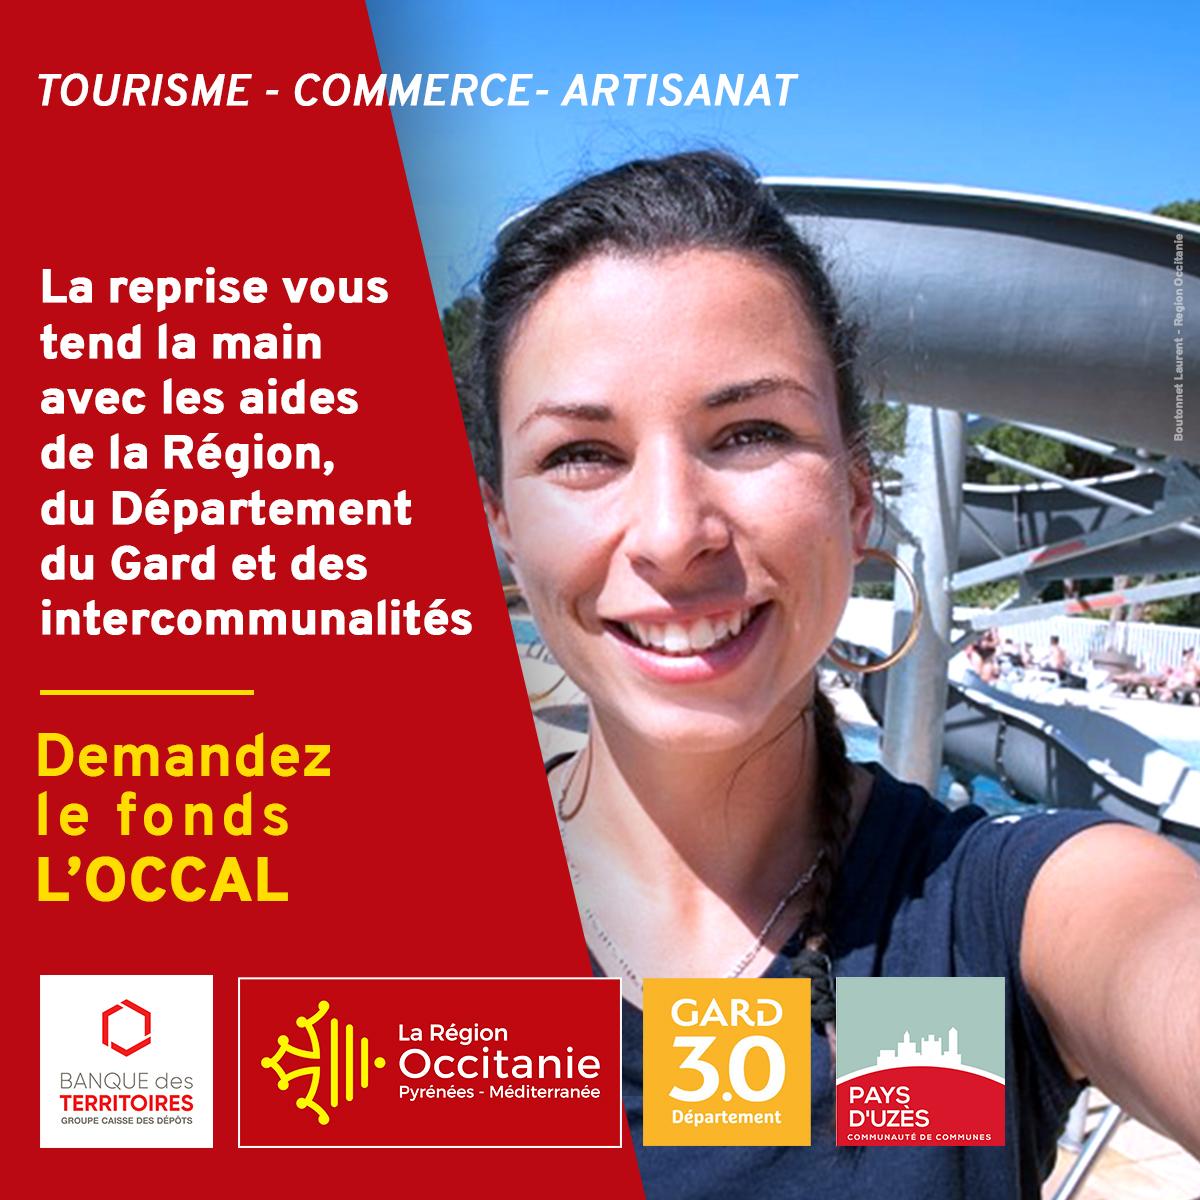 Fonds L'OCCAL : un pack pour la relance de l'activité touristique et commerciale